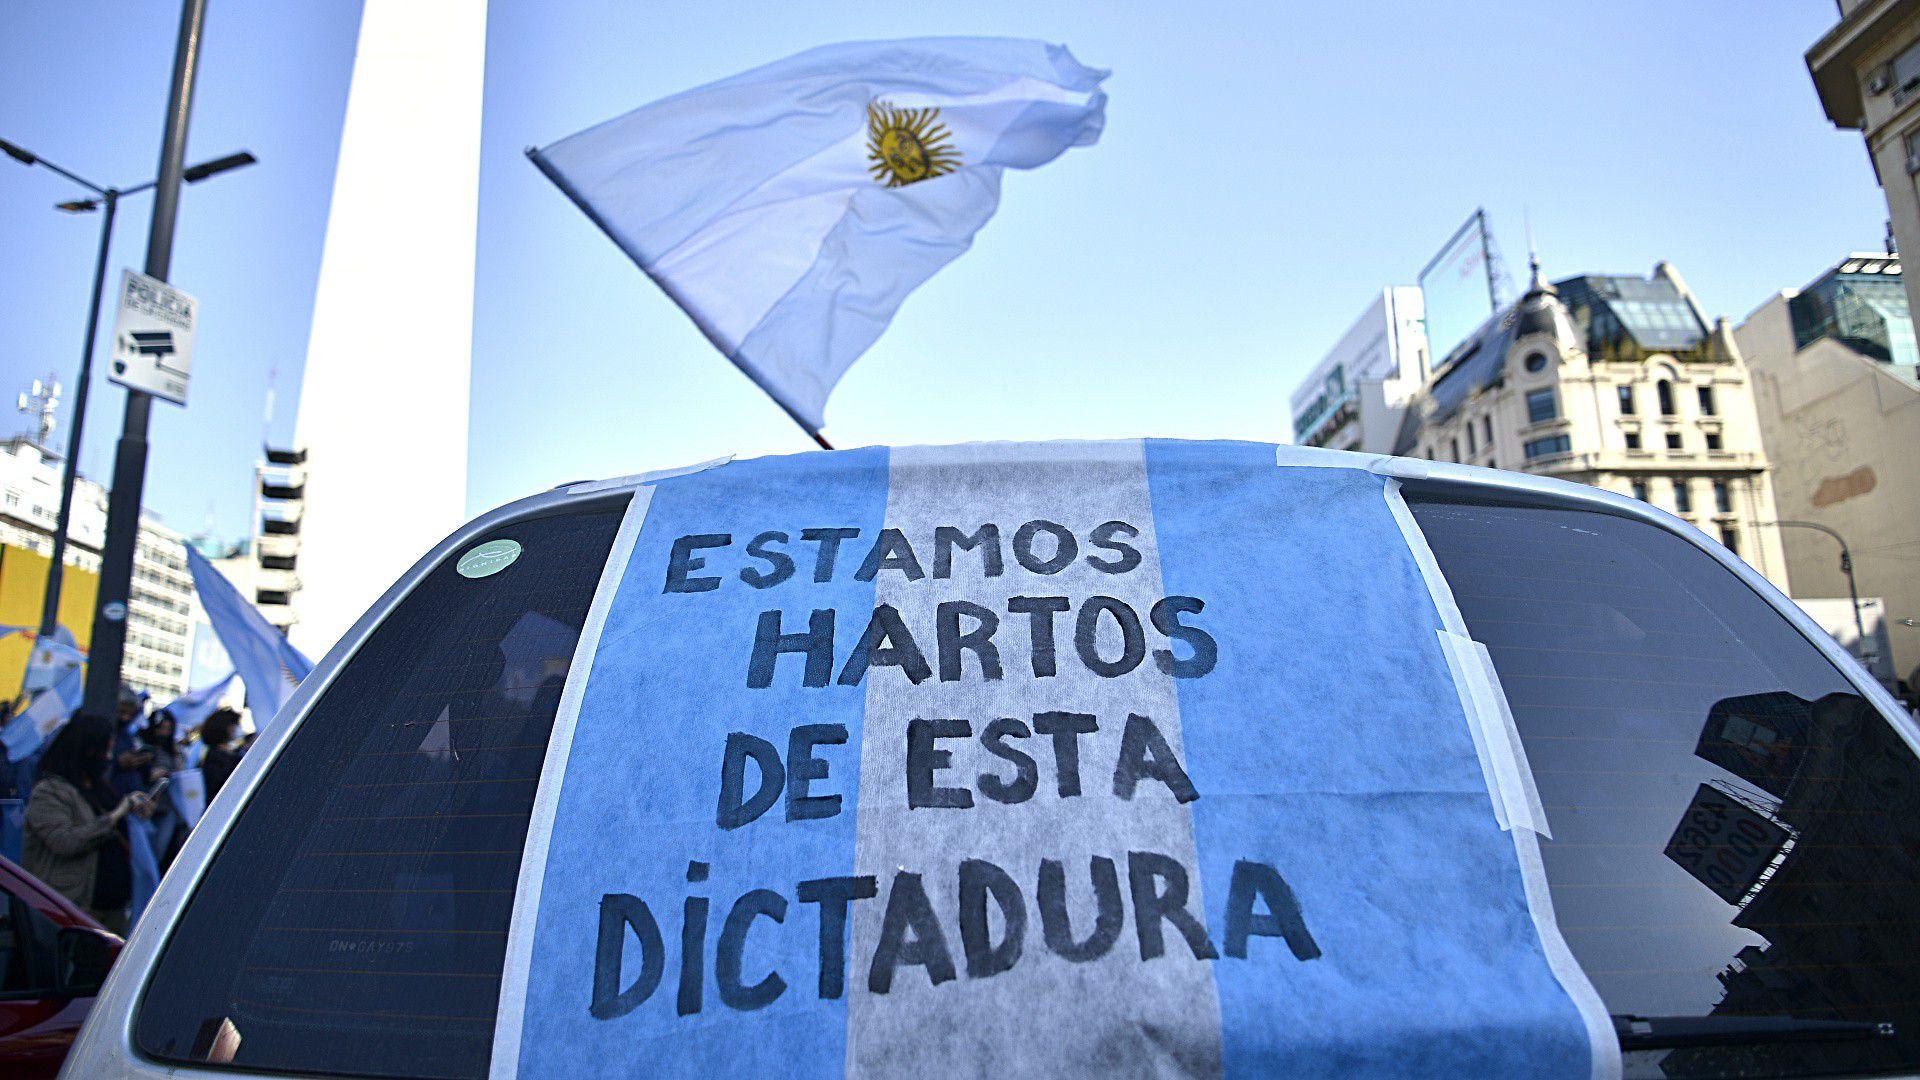 Qué hay detrás de la proliferación de campañas desestabilizadoras en la Argentina – Diario El Ciudadano y la Región